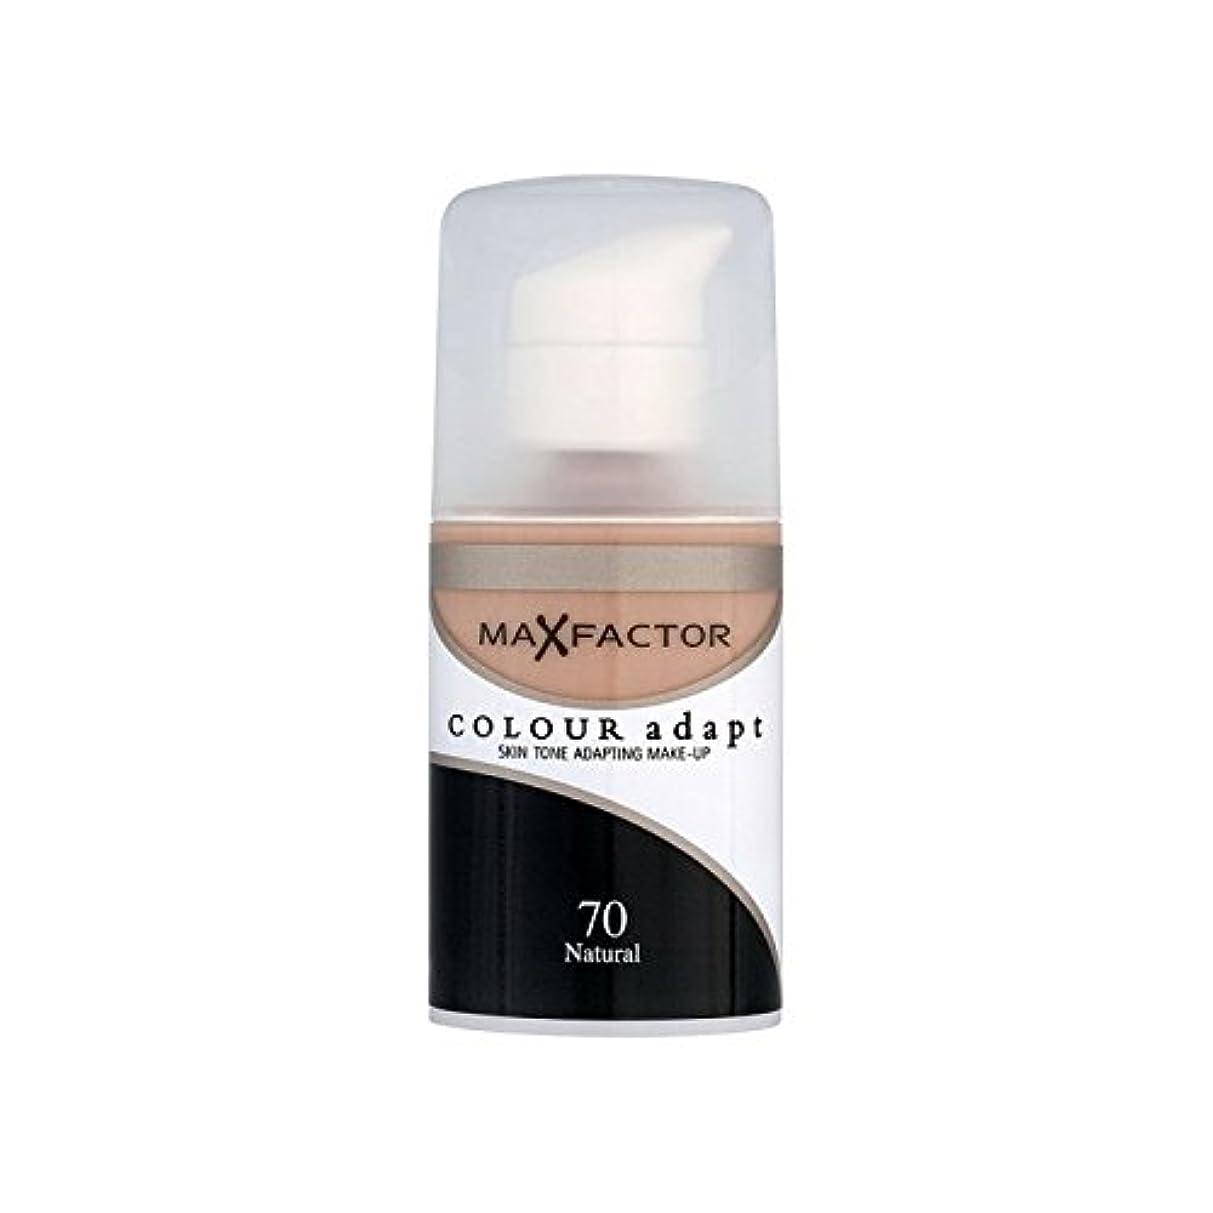 蜂としてテナントマックスファクターの色は、基礎自然70を適応させます x4 - Max Factor Colour Adapt Foundation Natural 70 (Pack of 4) [並行輸入品]